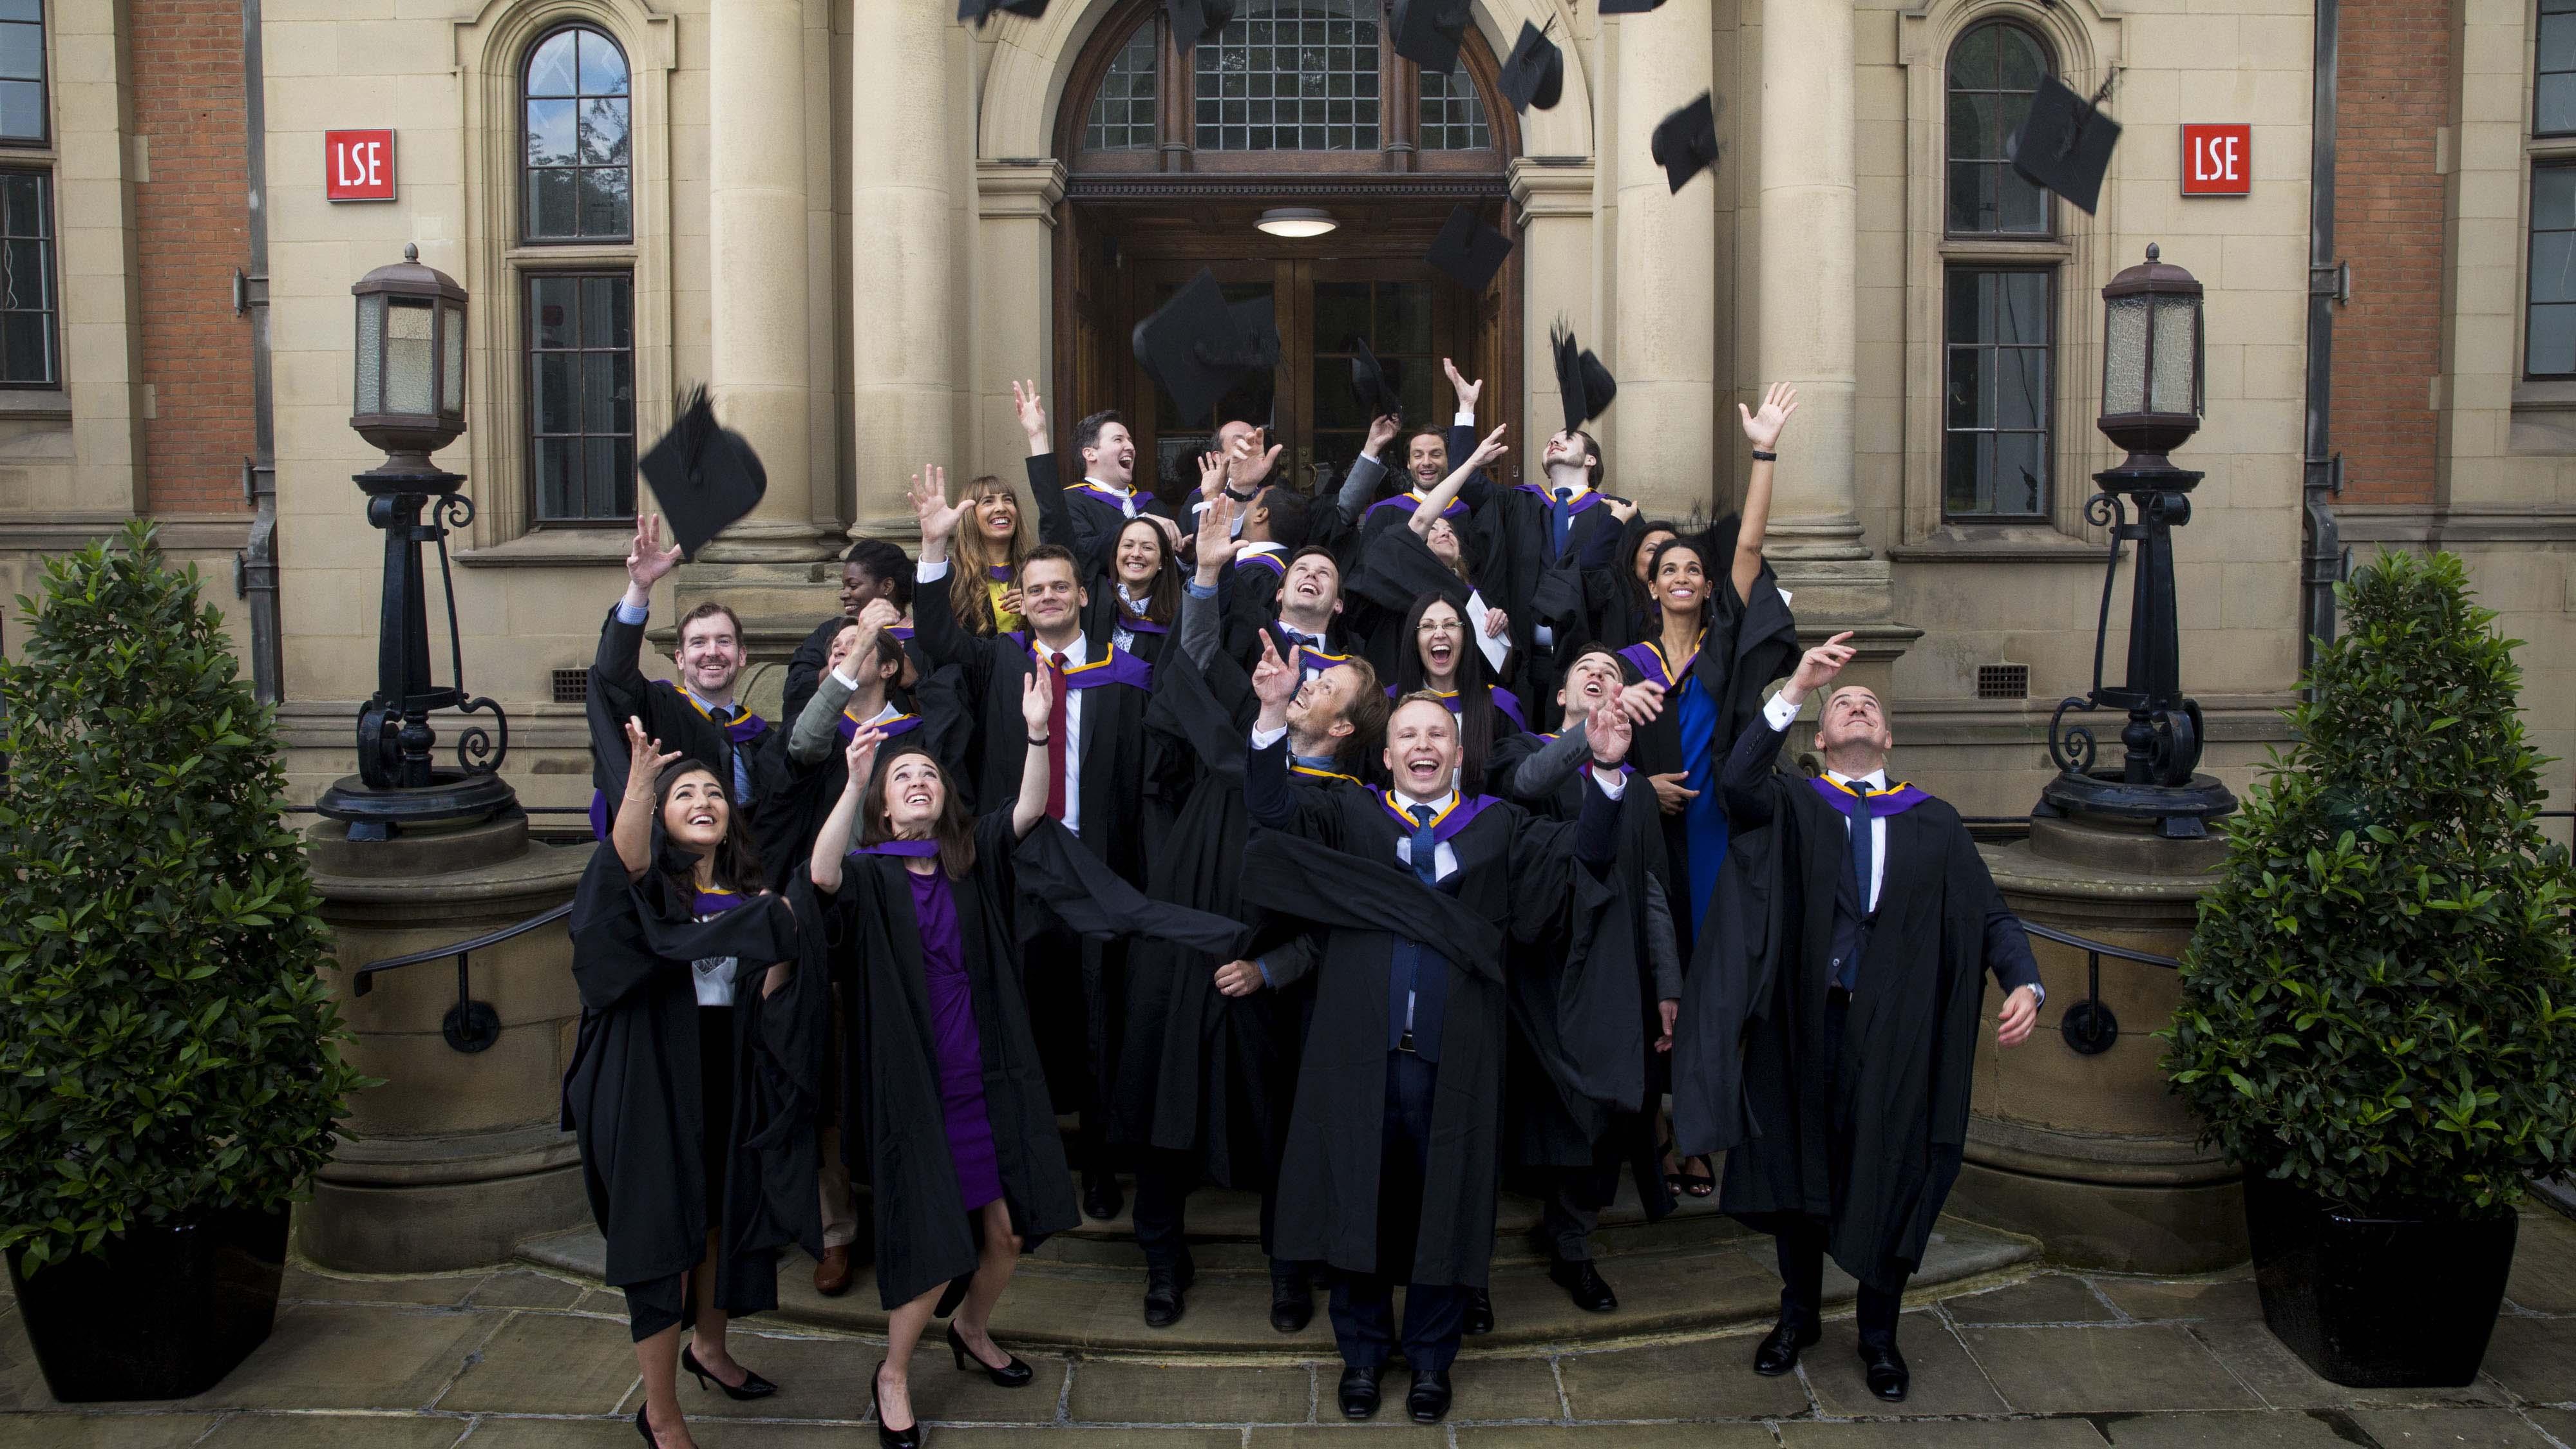 инстаграм ключевые оксфордский университет фото форма был очень эмоциональным